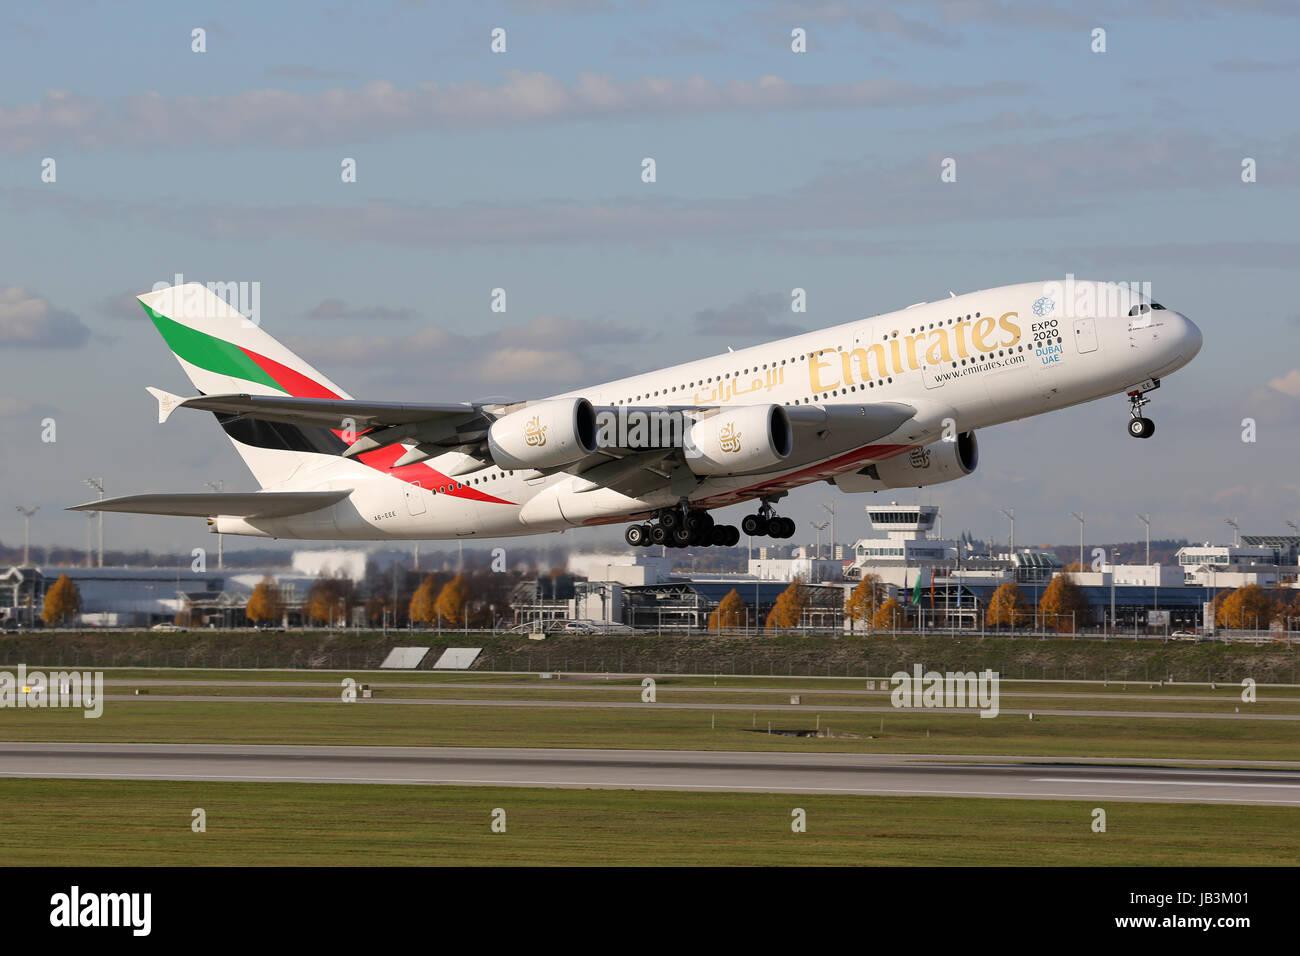 München, Deutschland - 24. Oktober 2013: Ein Airbus A380 der Emirates mit der Kennung A6-EEE startet vom Flughafen - Stock Image